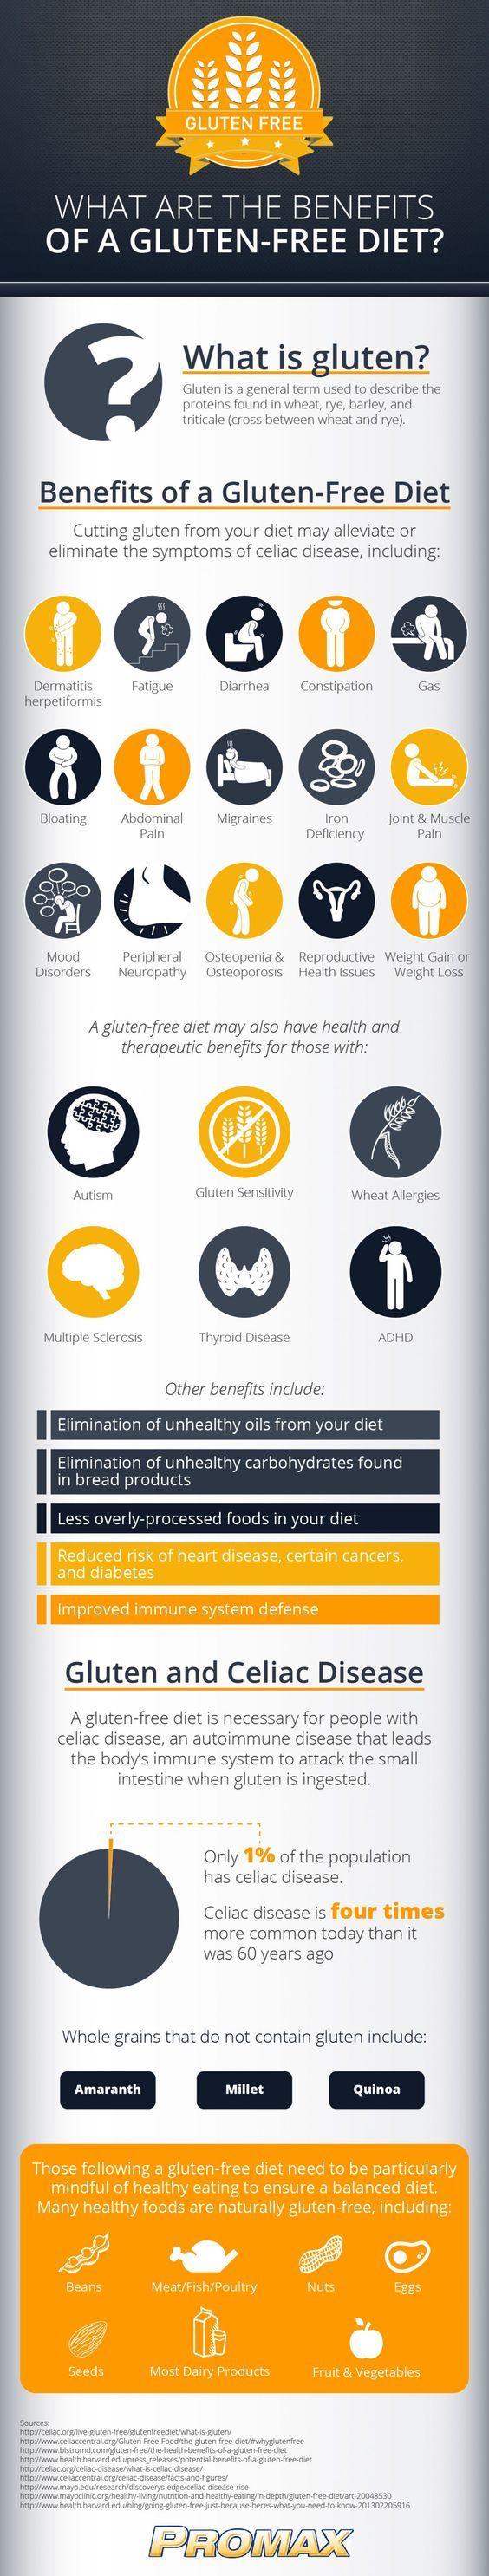 Benefícios da Dieta sem Glúten. Saiba mais no nosso blog: https://www.emporioecco.com.br/blog/dieta-sem-gluten/